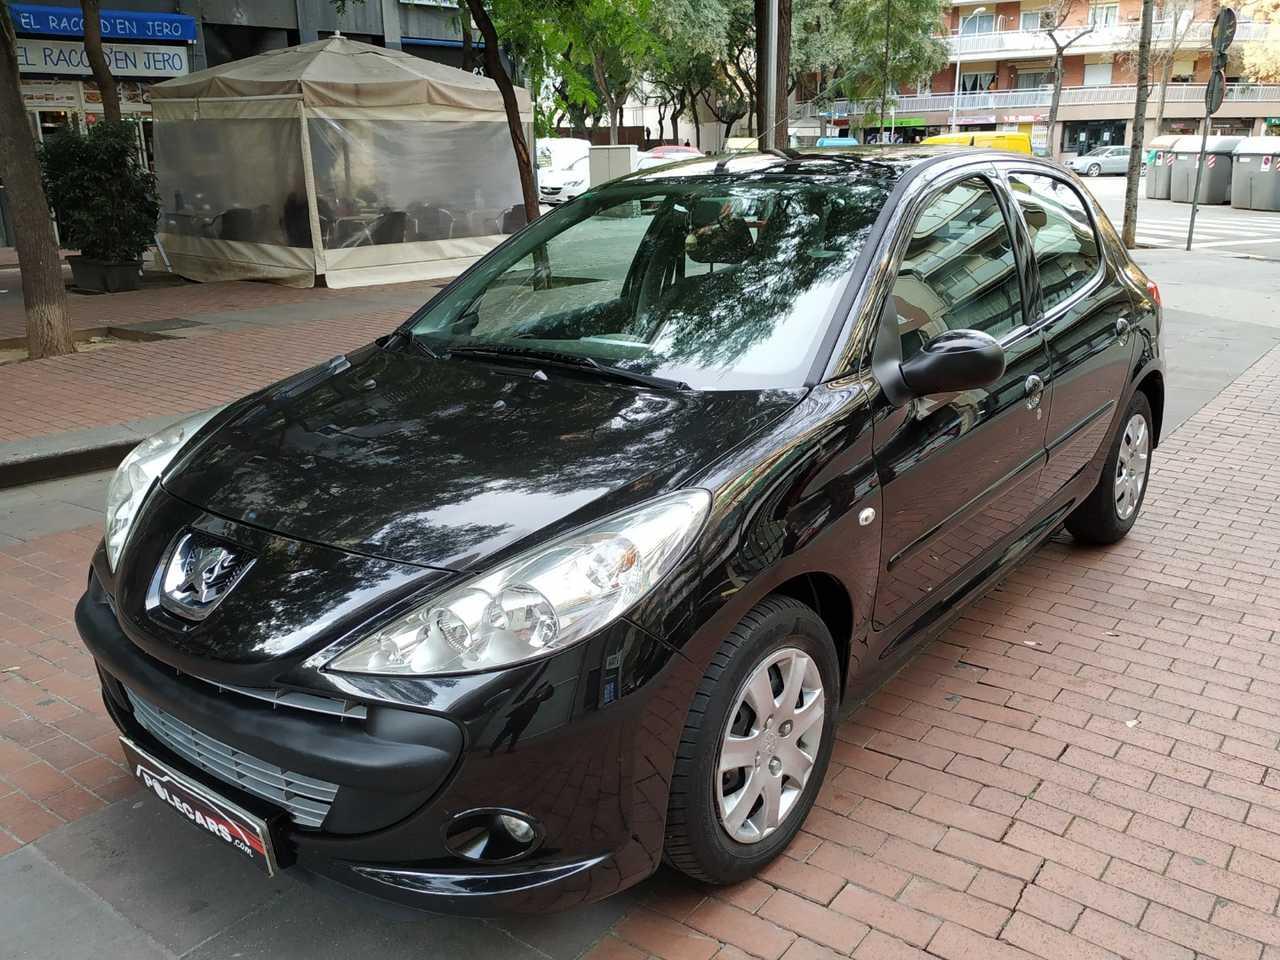 Peugeot 206 PLUS 1.4 HDI   - Foto 1